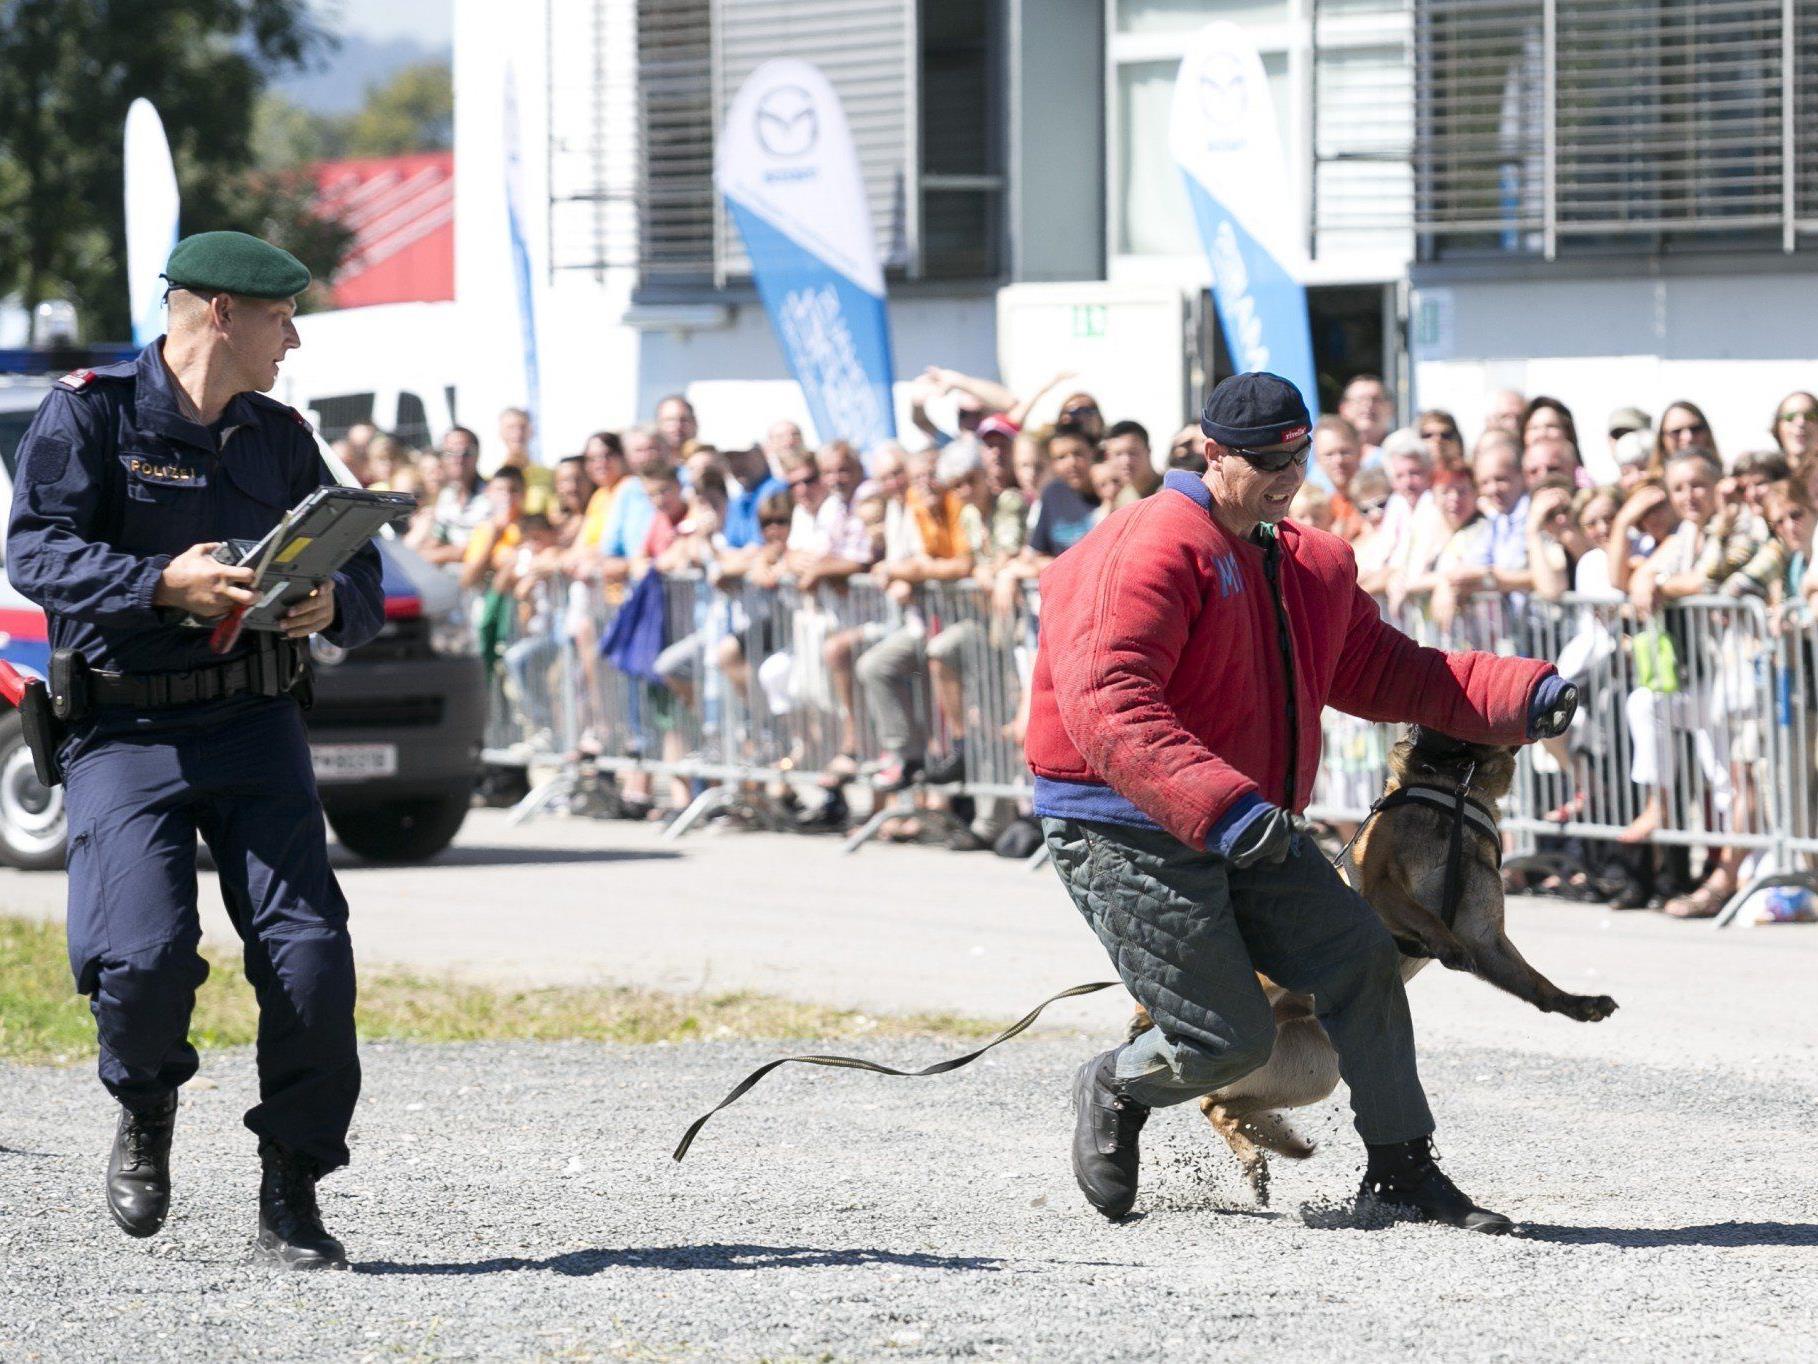 Täglich um 14 Uhr findet auf der Herbstmesse eine spektakuläre Show der Hundestaffel der Polizei sowie der Cobra statt.